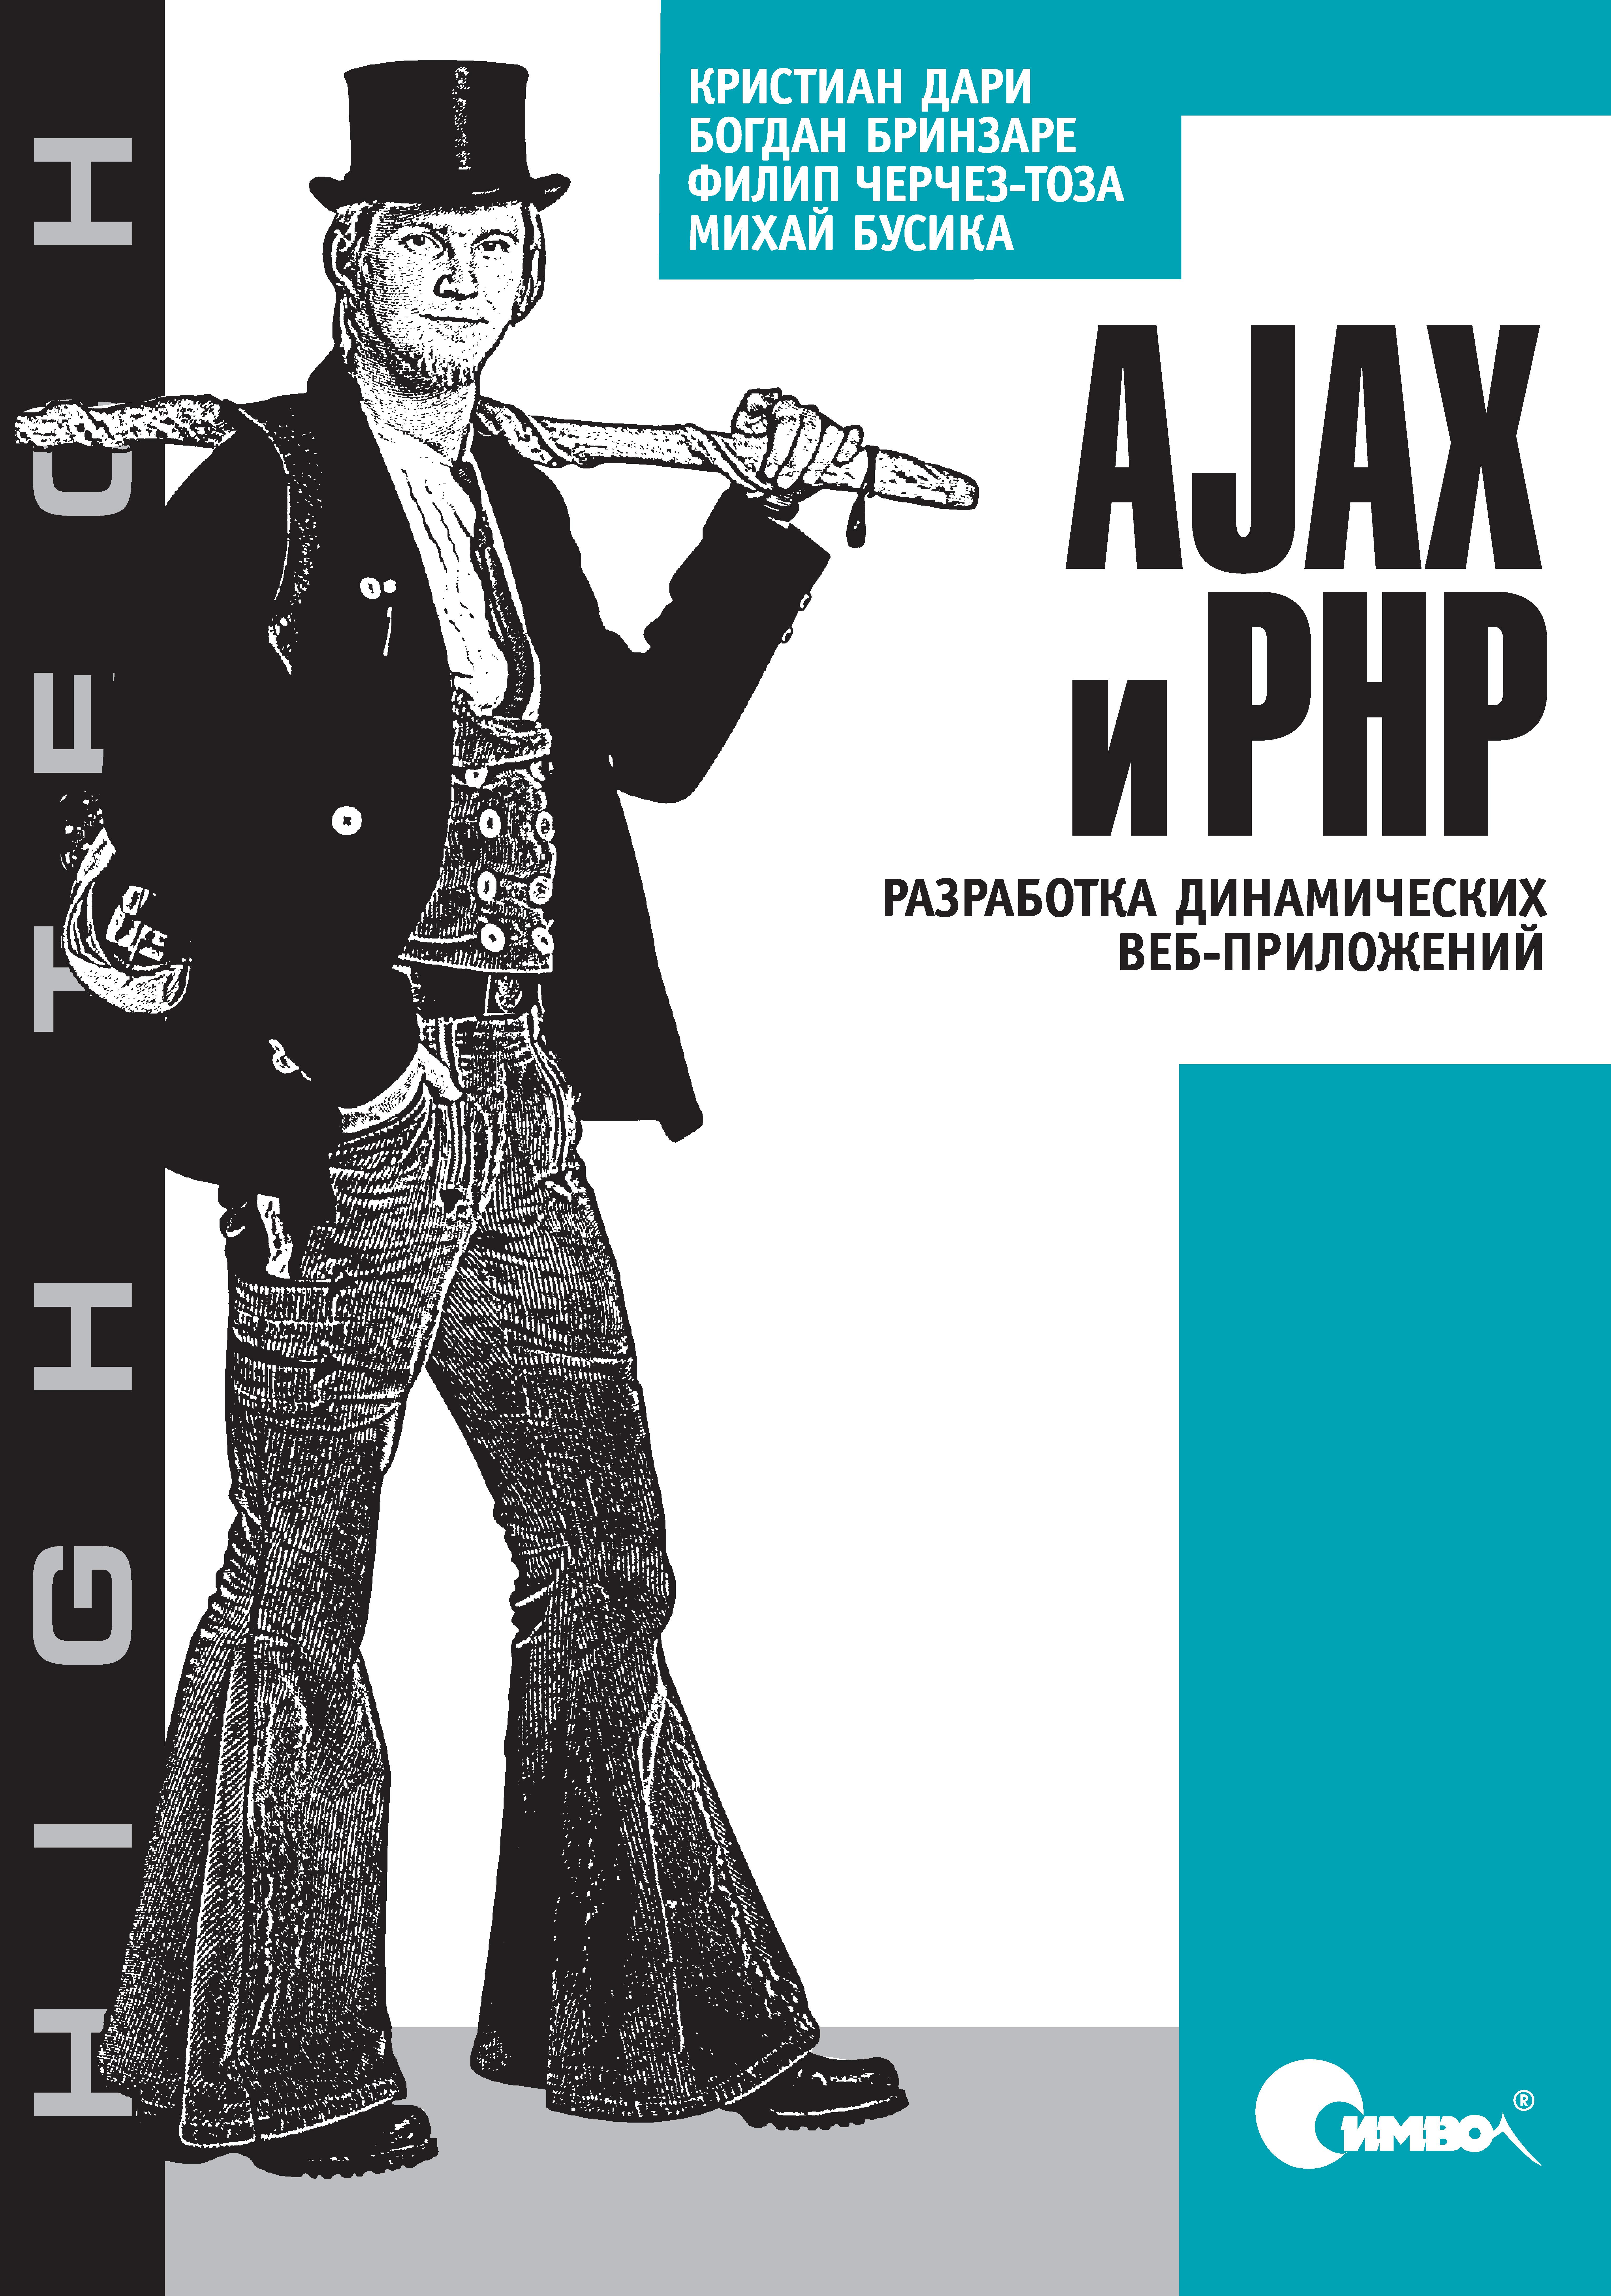 Кристиан Дари AJAX и PHP. Разработка динамических веб-приложений эспозито д разработка веб приложений с использованием asp net и ajax